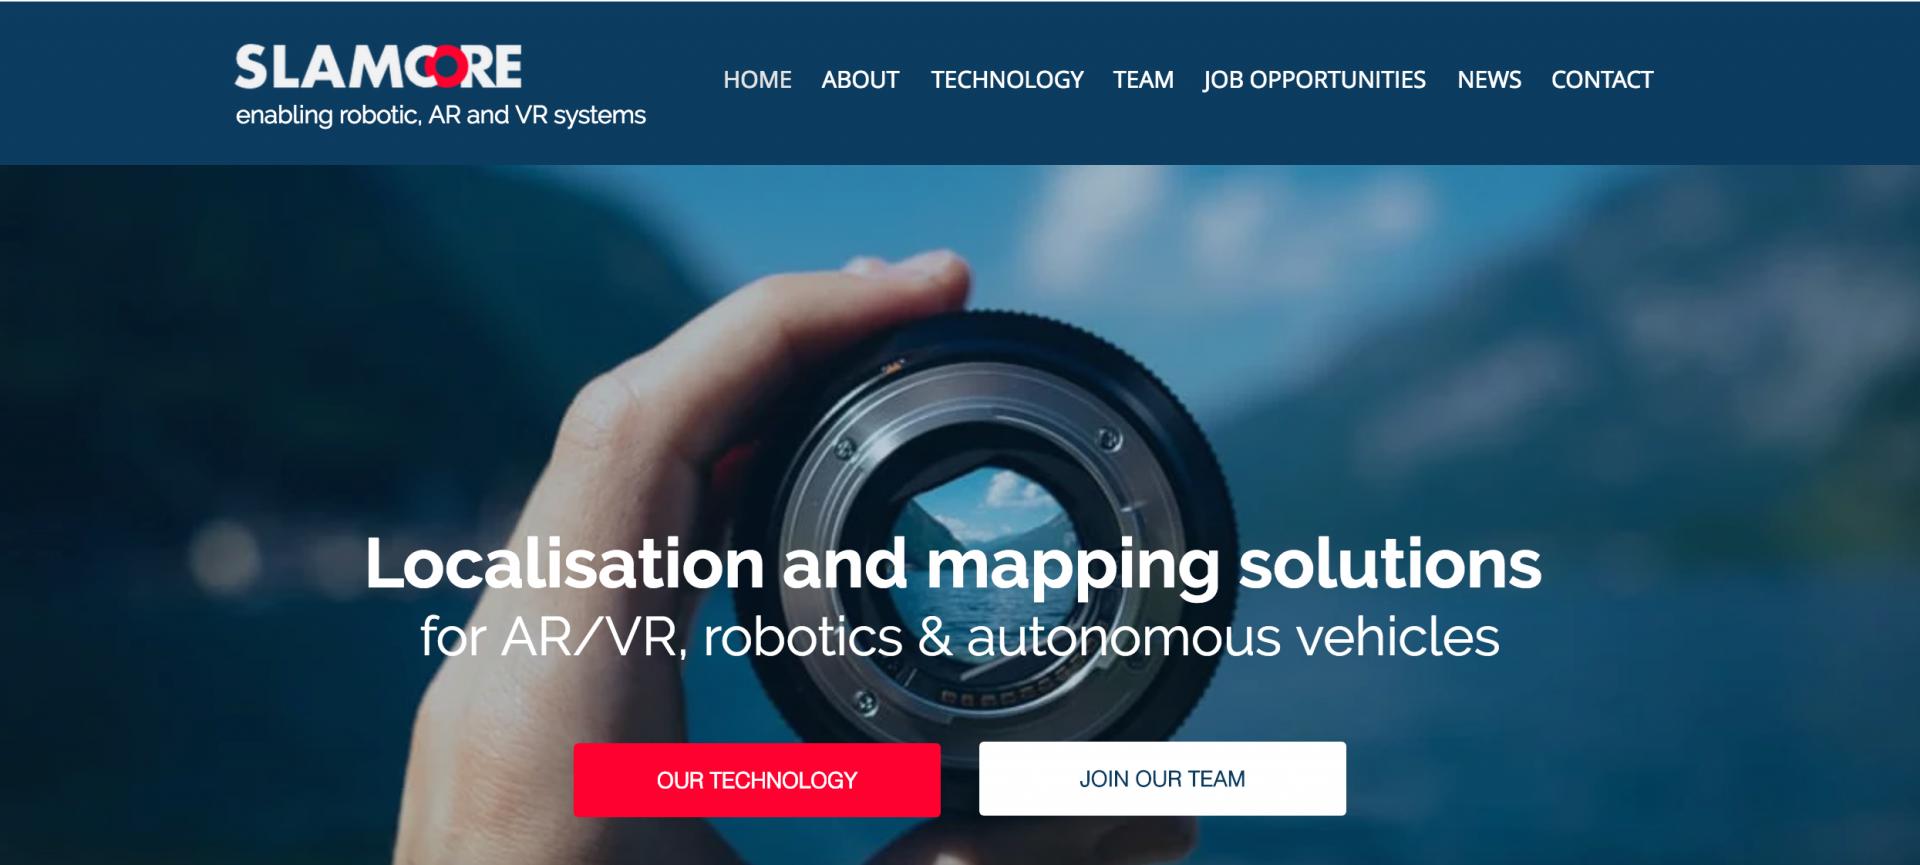 Startup più innovative nel software per il 2018: Slamcore